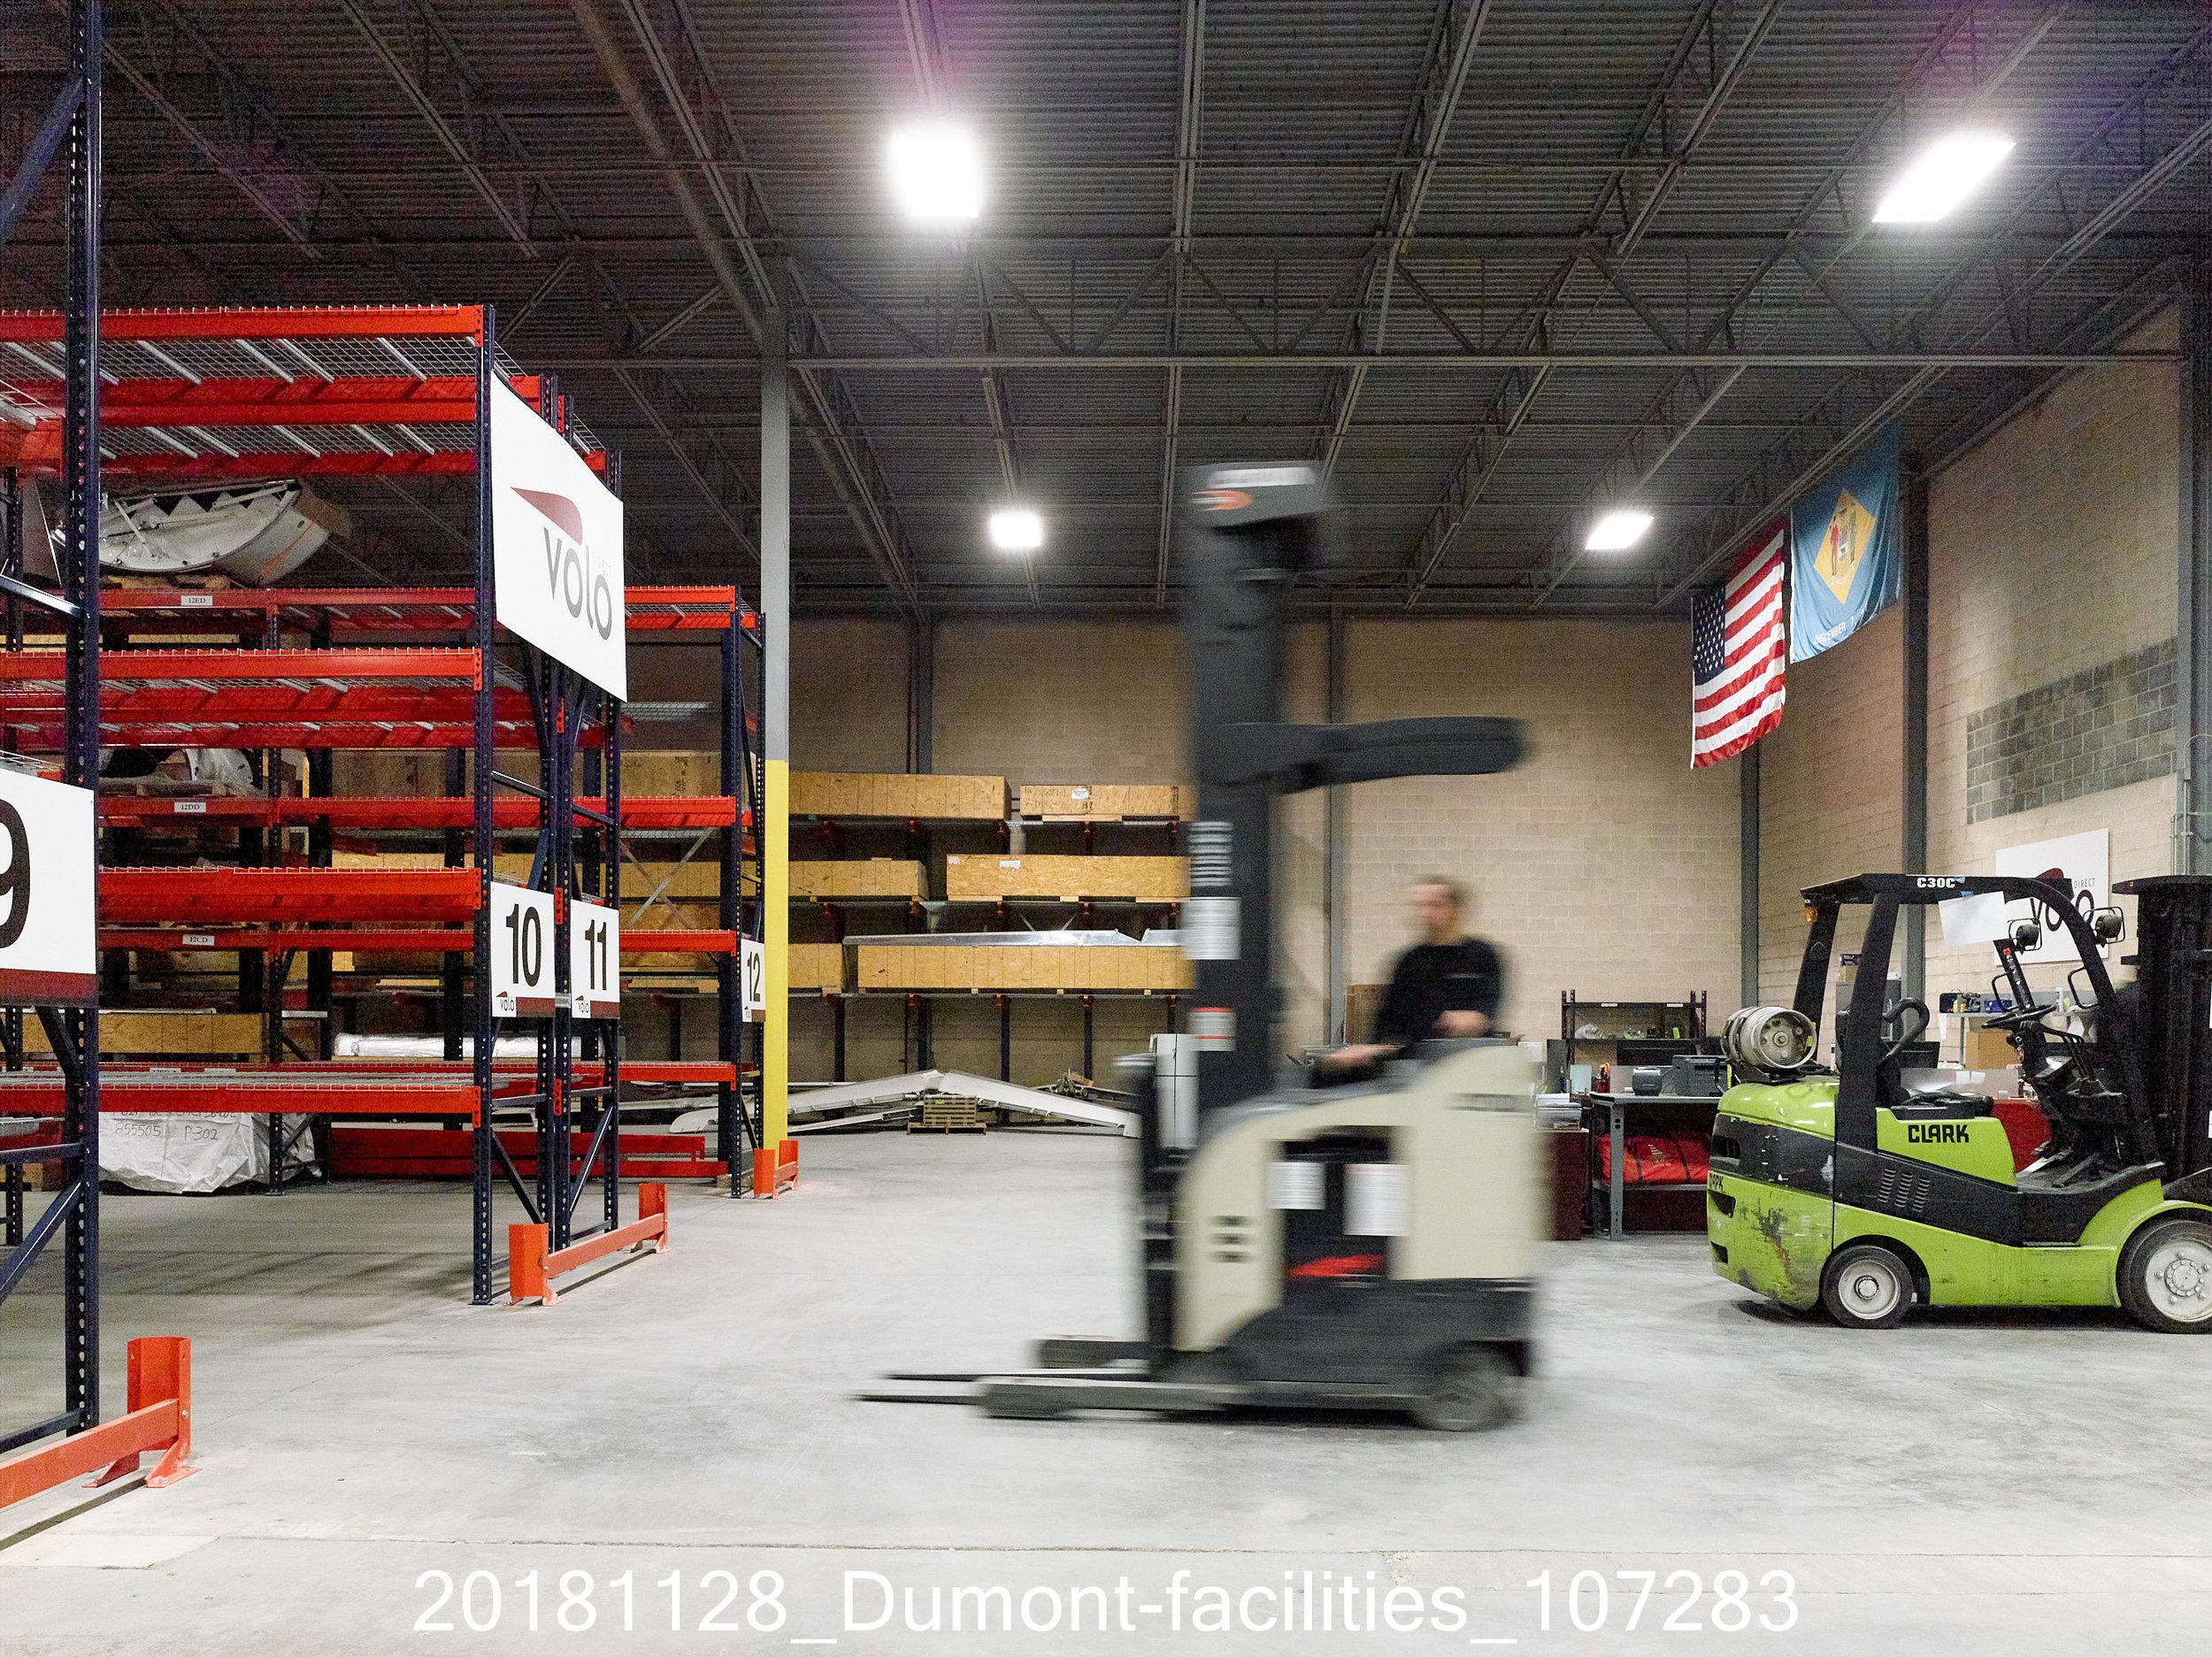 20181128_Dumont-facilities_107283.jpg